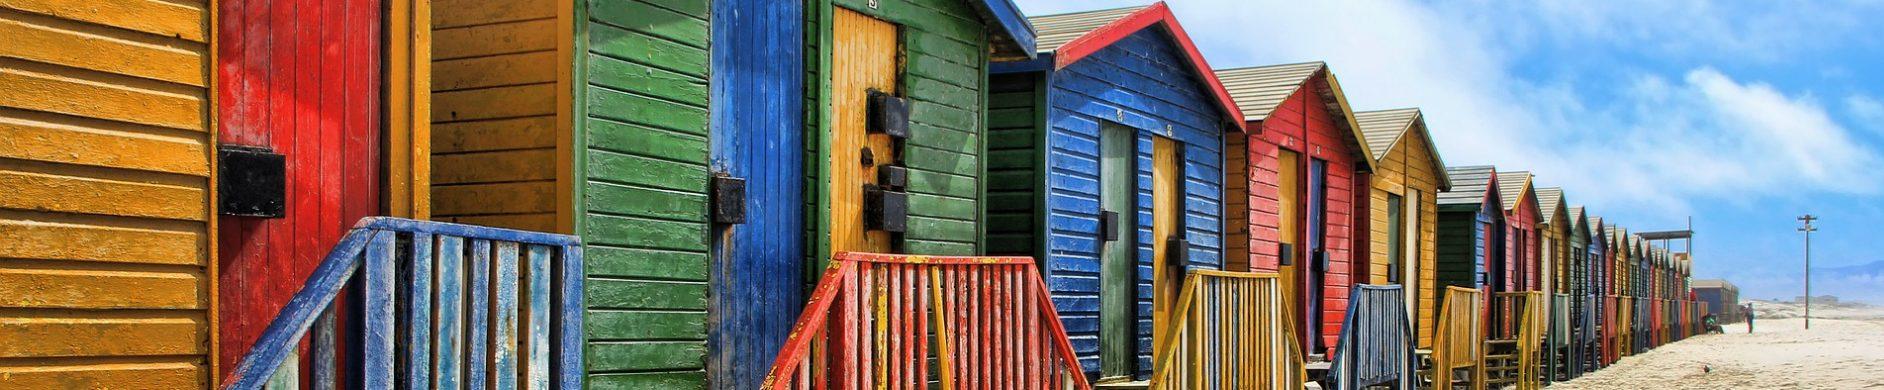 Afrique-du-Sud+Cape+Town+Voyage+Sur-mesure+Matins+Monde - Les matins du monde